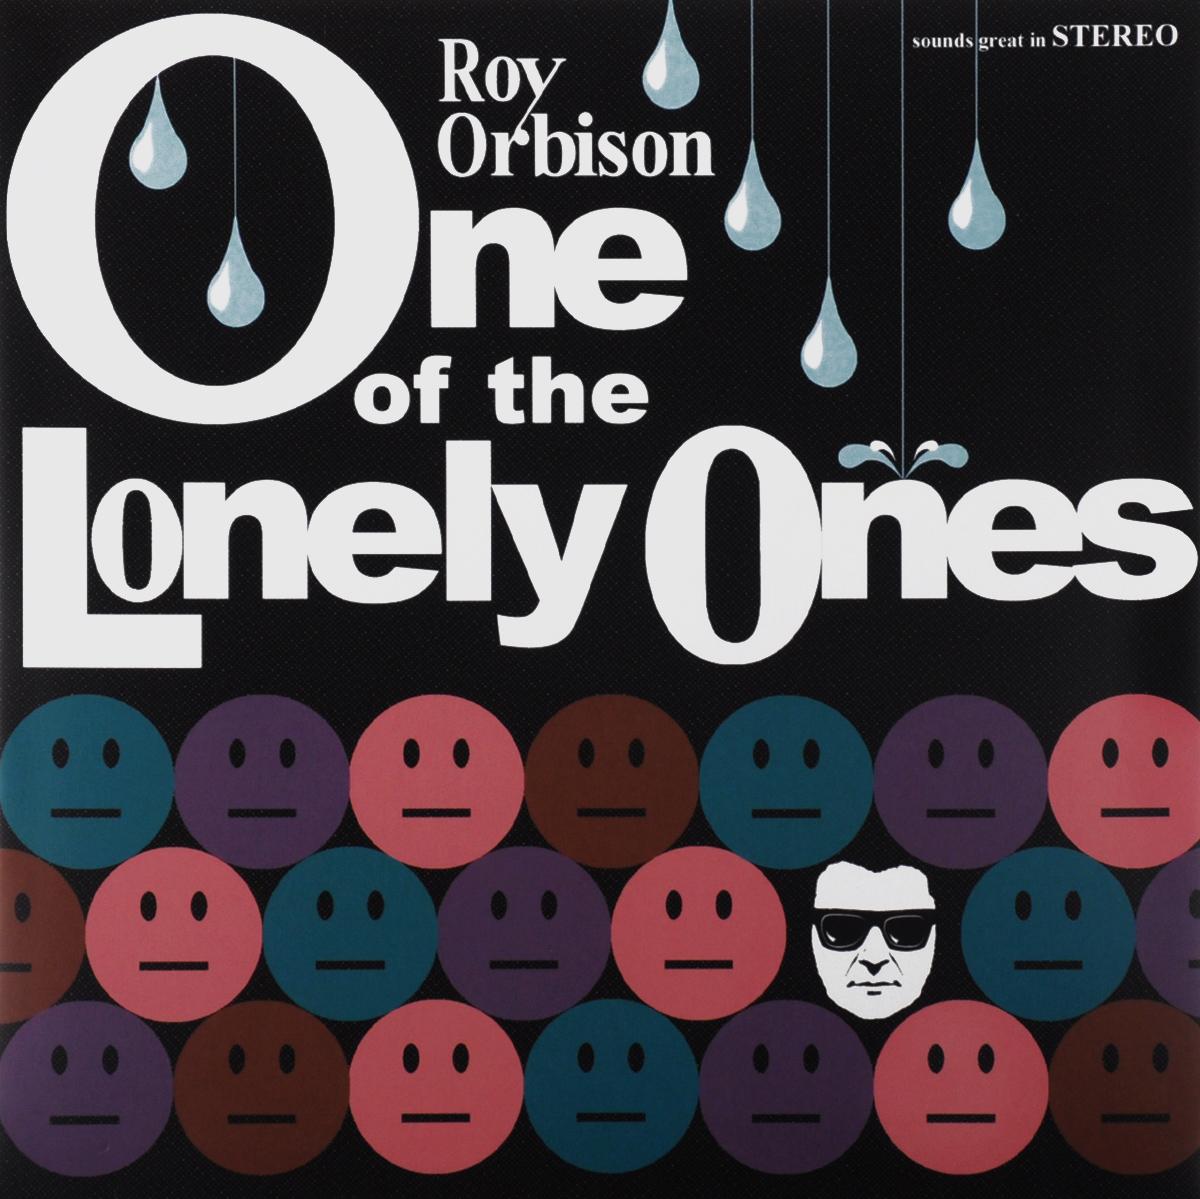 Рой Орбисон Roy Orbison. One Of The Lonely Ones (LP) рой эйрс roy ayers ubiquity lifeline lp